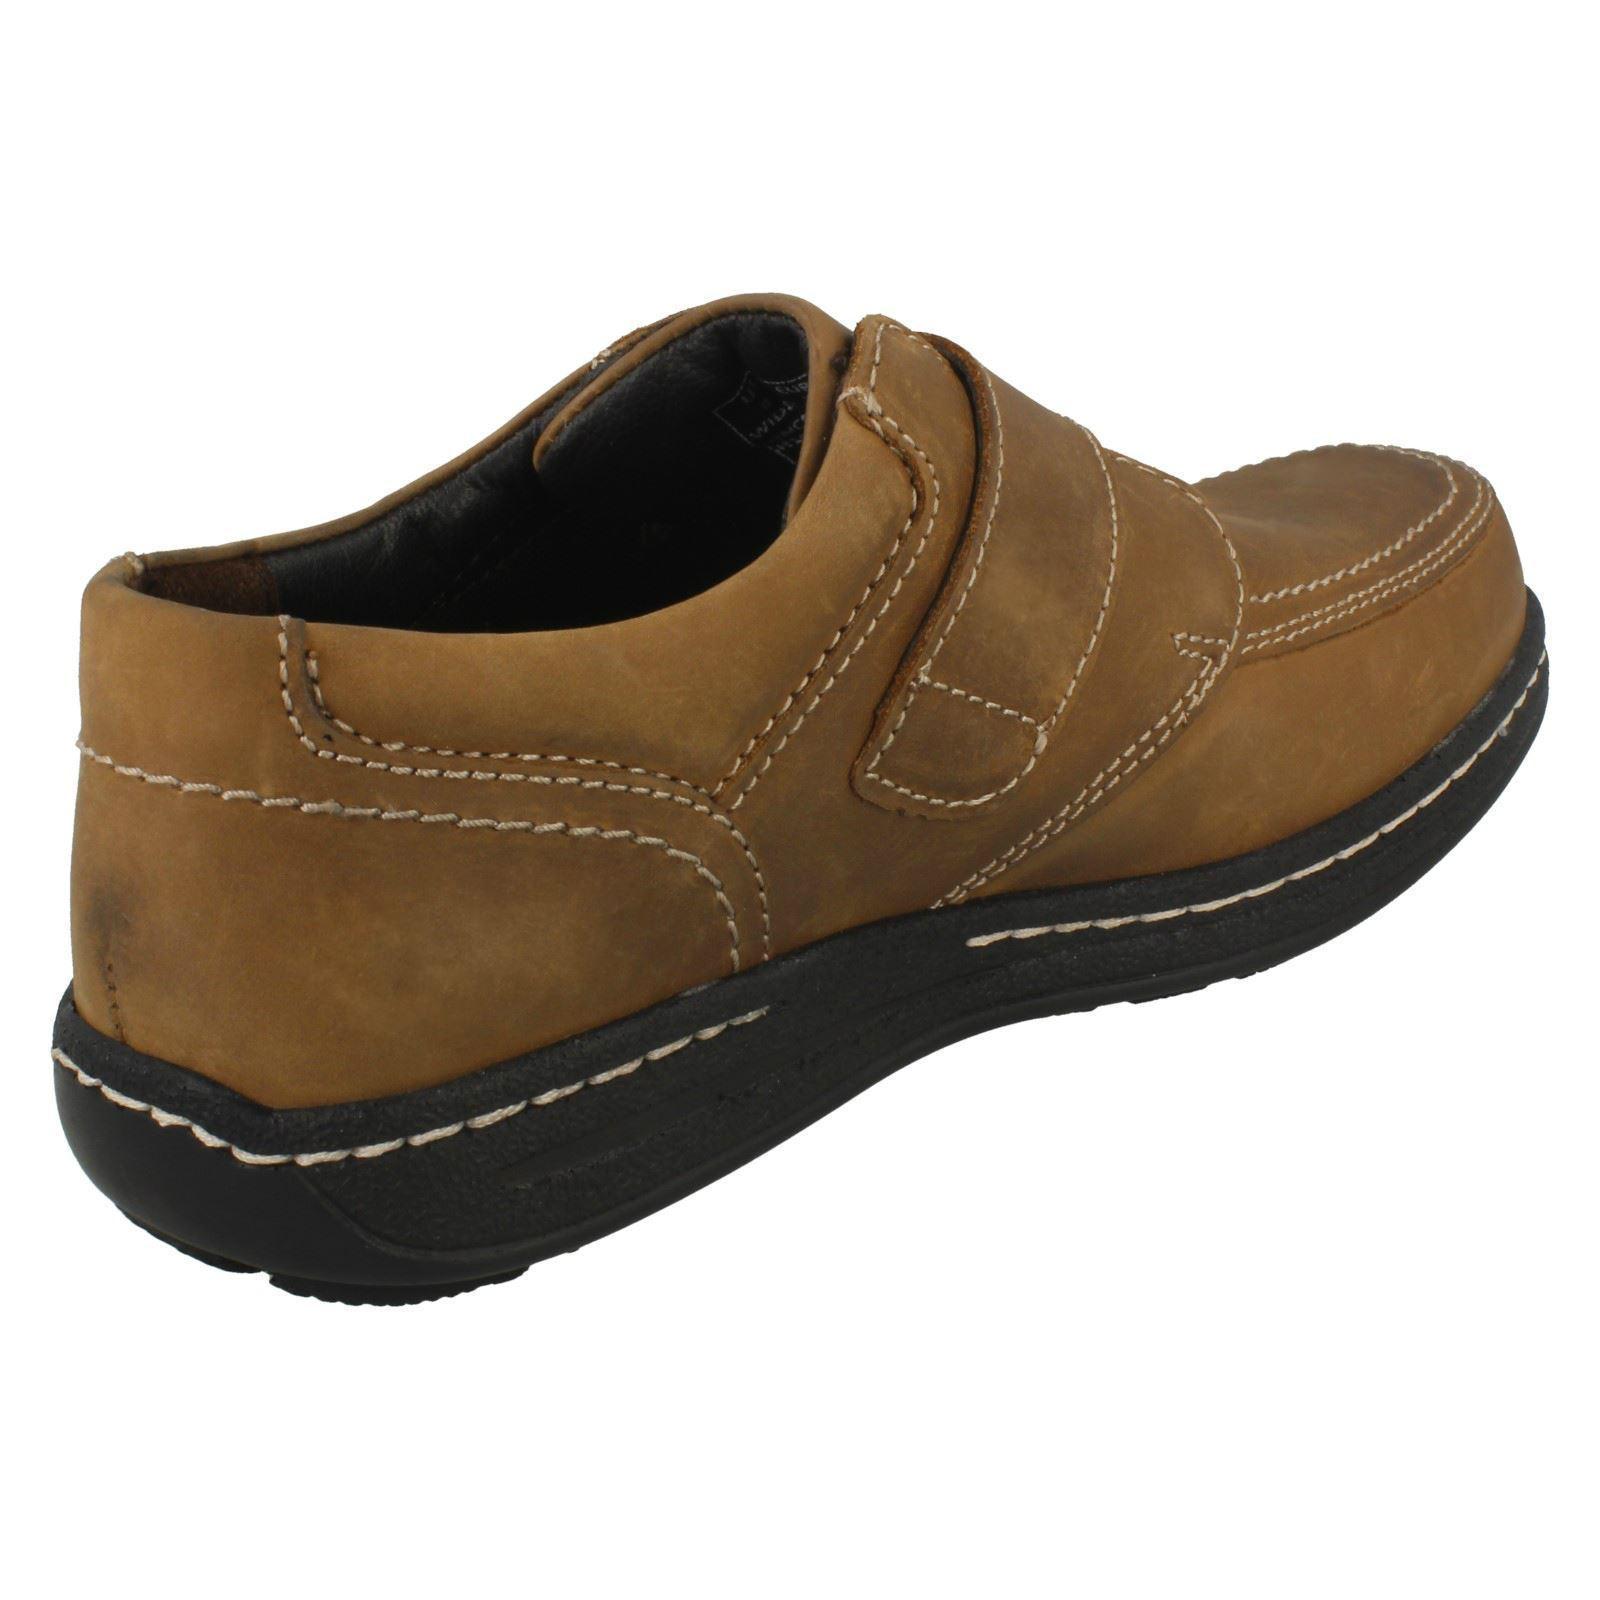 Herren Hush Hush Herren Puppies Hook & Loop Strap Schuhe Style Vince Victory  N ece420